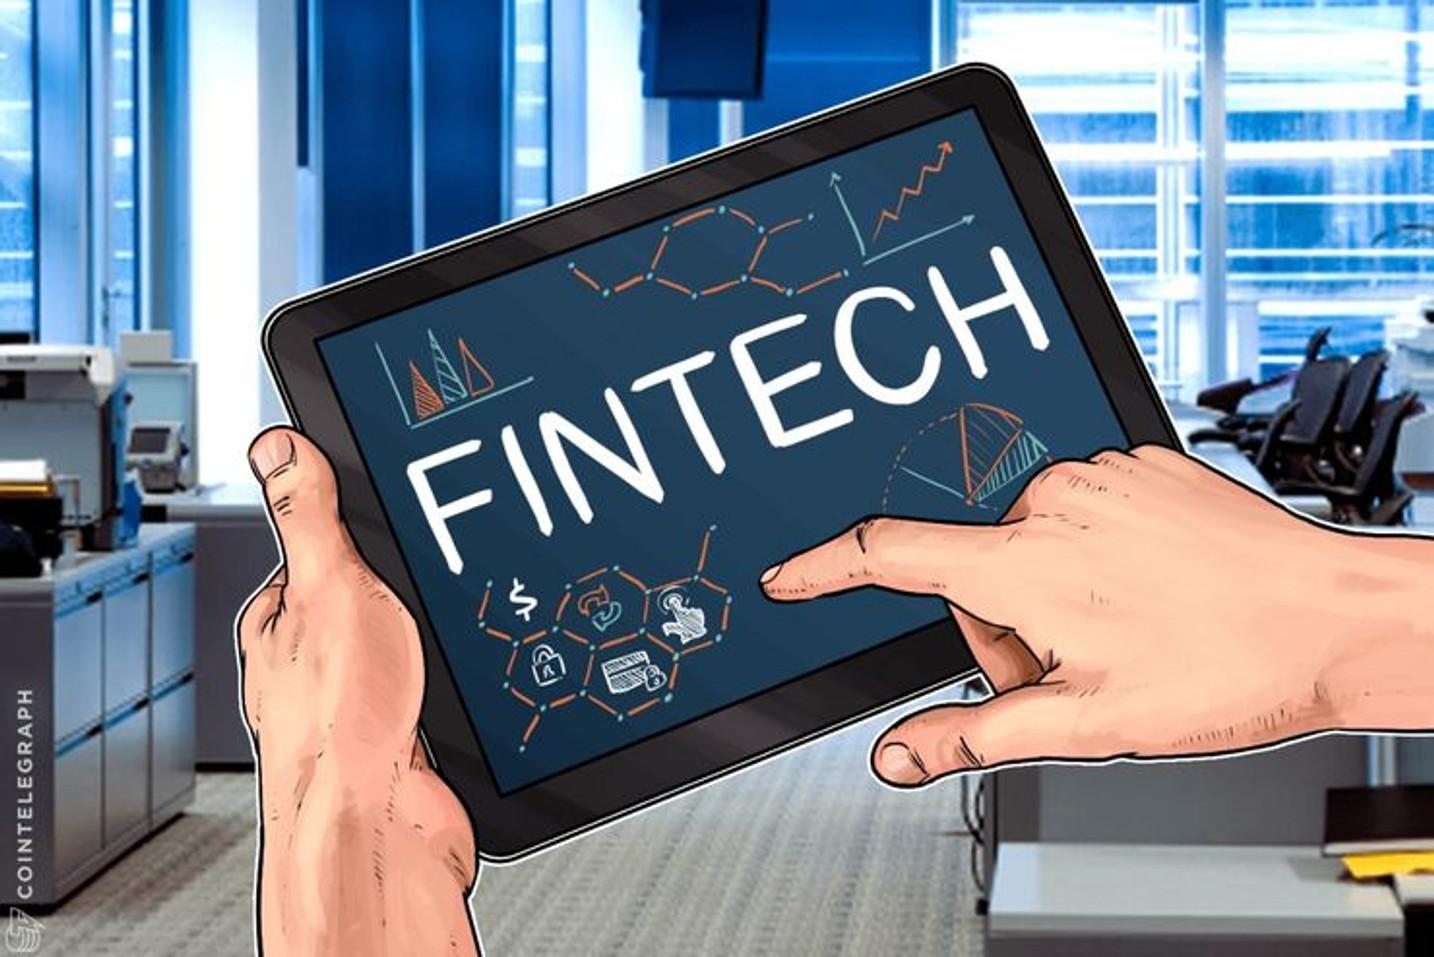 Creció un 49 % del número de startups que ha registrado la industria de las Fintech en Chile en los últimos 18 meses